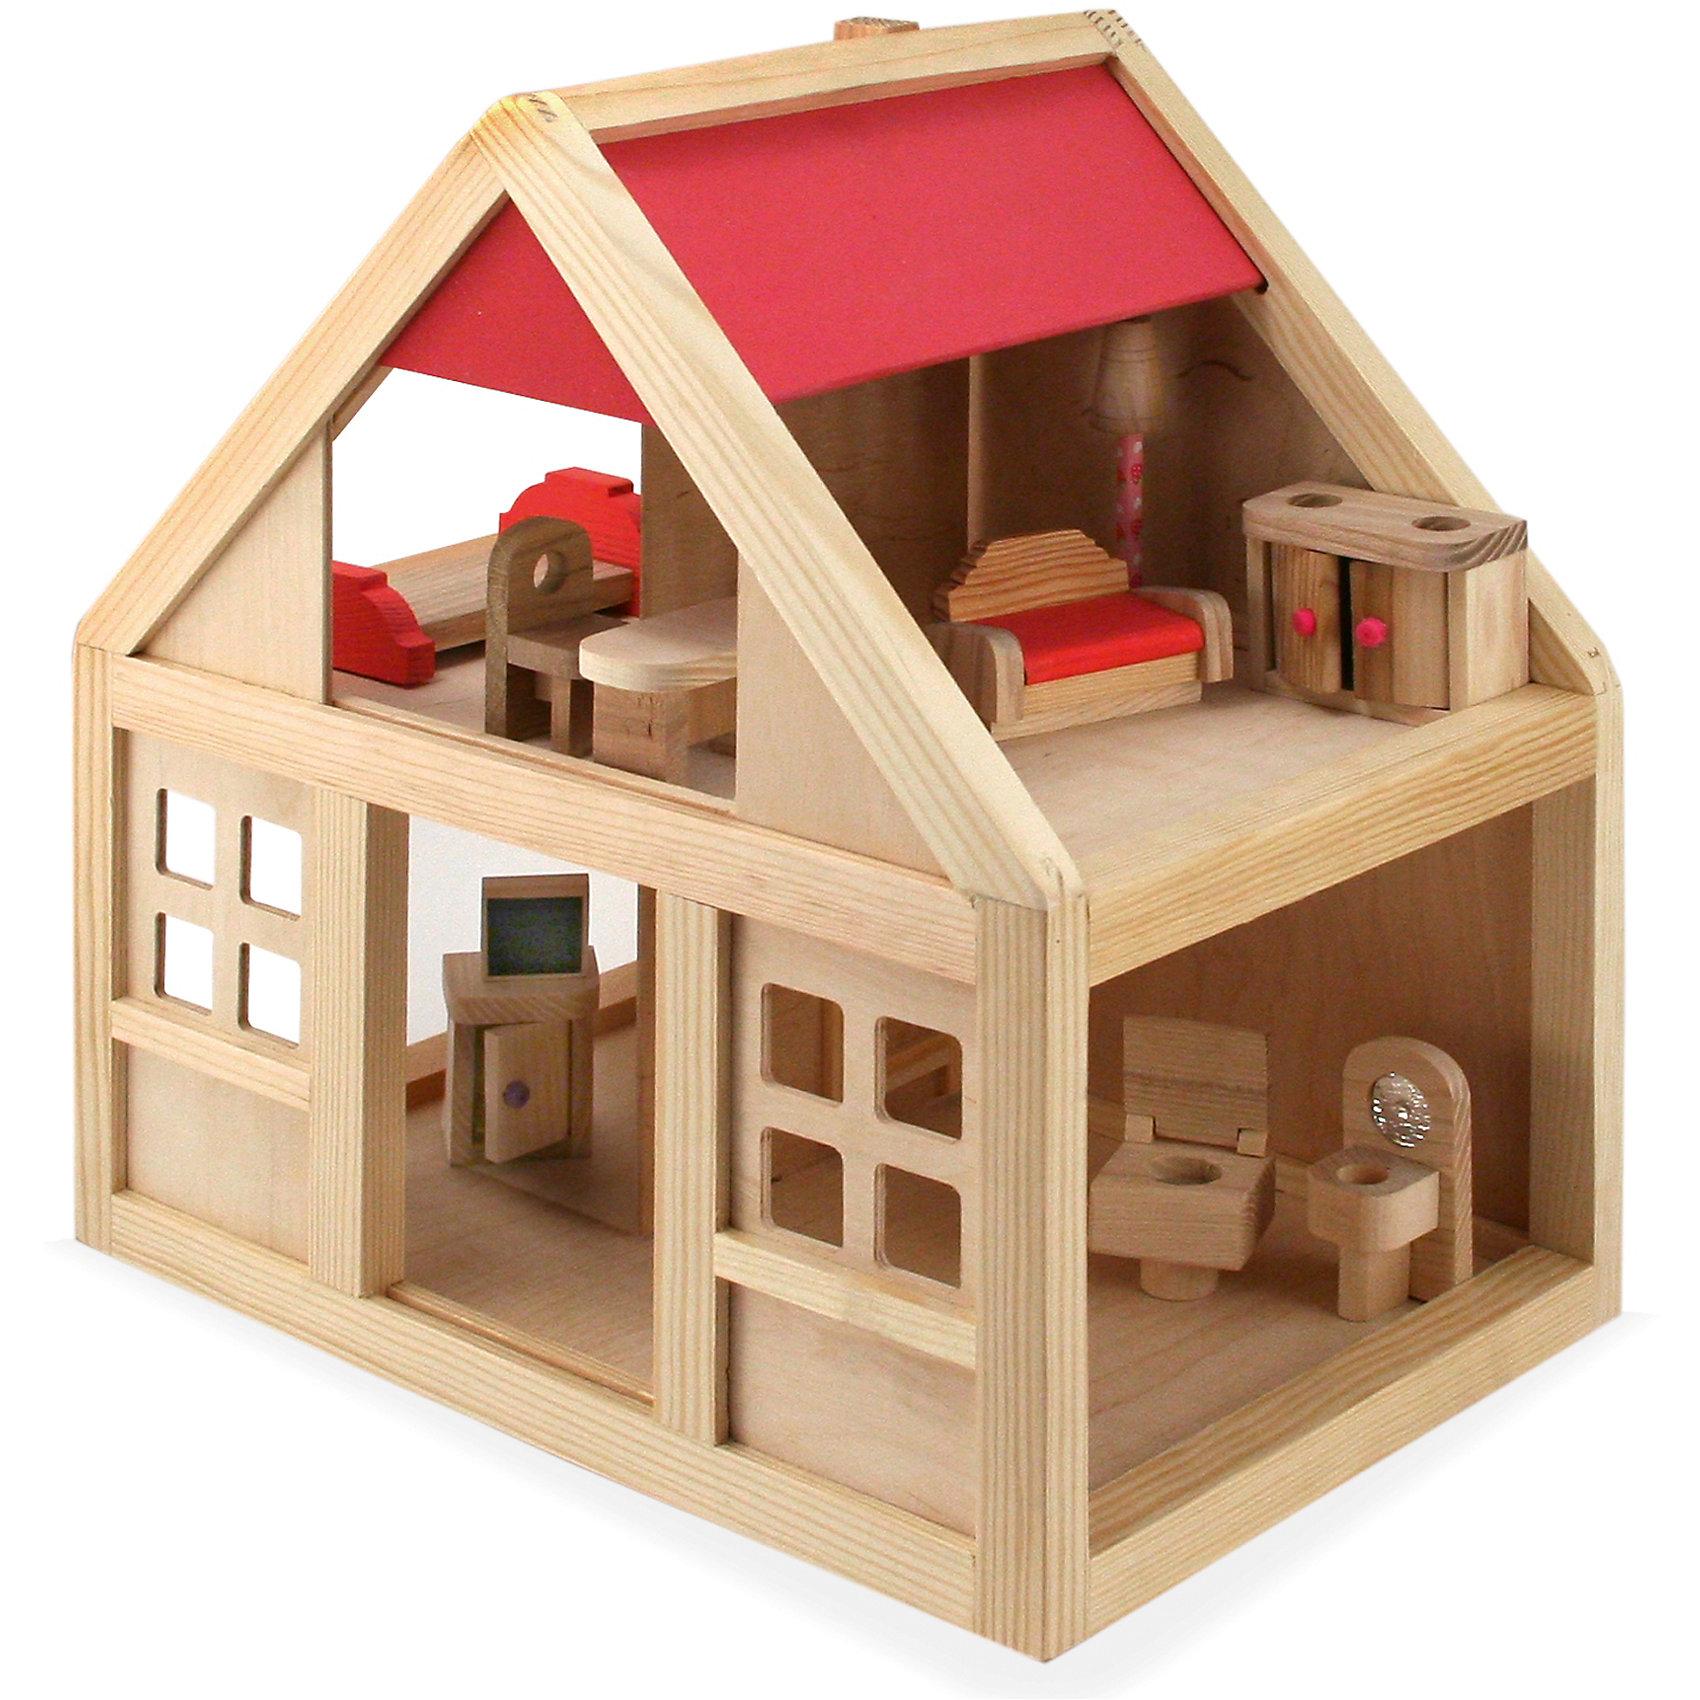 Деревянный домик с набором мебелиДеревянные куклы, домики и мебель<br>Чудесный Деревянный домик со множеством игровых возможностей обязательно понравится Вашей девочке. Игрушка представляет из себя миниатюрную копию настоящего деревенского домика. У него натуральная расцветка, имитирующая дерево, окрашена только крыша. В домике два этажа, доступ на каждый этаж находится сбоку. Имеются окошки, на втором этаже перегородка с часами, на крыше труба. В комплект также входит различная мебель, которой можно обставить комнатки в доме: диван, кровать, тумбочка, телевизор, торшер, раковина, унитаз, комод, стол и стул. Набор отлично подходит для сюжетно-ролевых игр, развивает фантазию, воображение и коммуникативные навыки. <br>Ещё одно преимущество данного набора состоит в том, что домик и аксессуары можно раскрасить расками, используя те цвета, которые предпочитает Ваш ребёнок! А играть в собстенно раскрашенный домик намного интереснее!<br><br>Дополнительная информация:<br><br>- В комплекте: домик, мебель (диван, кровать, тумбочка, телевизор, торшер, раковина, унитаз, комод, стол, стул).<br>- Материал: дерево.<br>- Размер упаковки: 35 х 35 х 23 см. <br>- Вес: 3 кг. <br><br>Деревянный домик с набором мебели можно купить в нашем интернет-магазине.<br><br>Ширина мм: 350<br>Глубина мм: 350<br>Высота мм: 250<br>Вес г: 3000<br>Возраст от месяцев: 36<br>Возраст до месяцев: 96<br>Пол: Женский<br>Возраст: Детский<br>SKU: 4248716